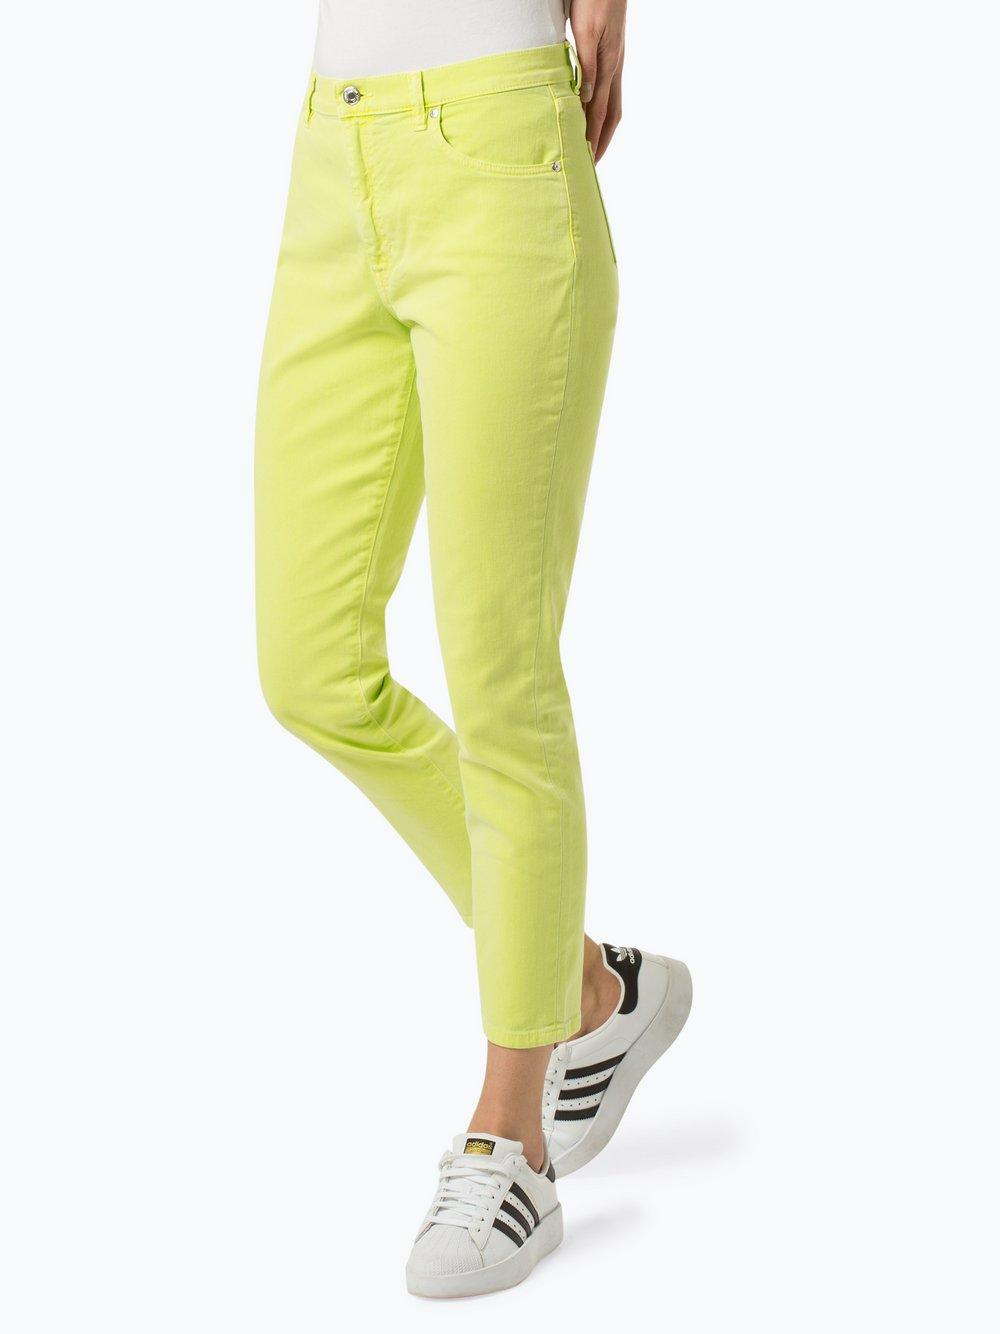 HUGO - Jeansy damskie – Gerena, żółty